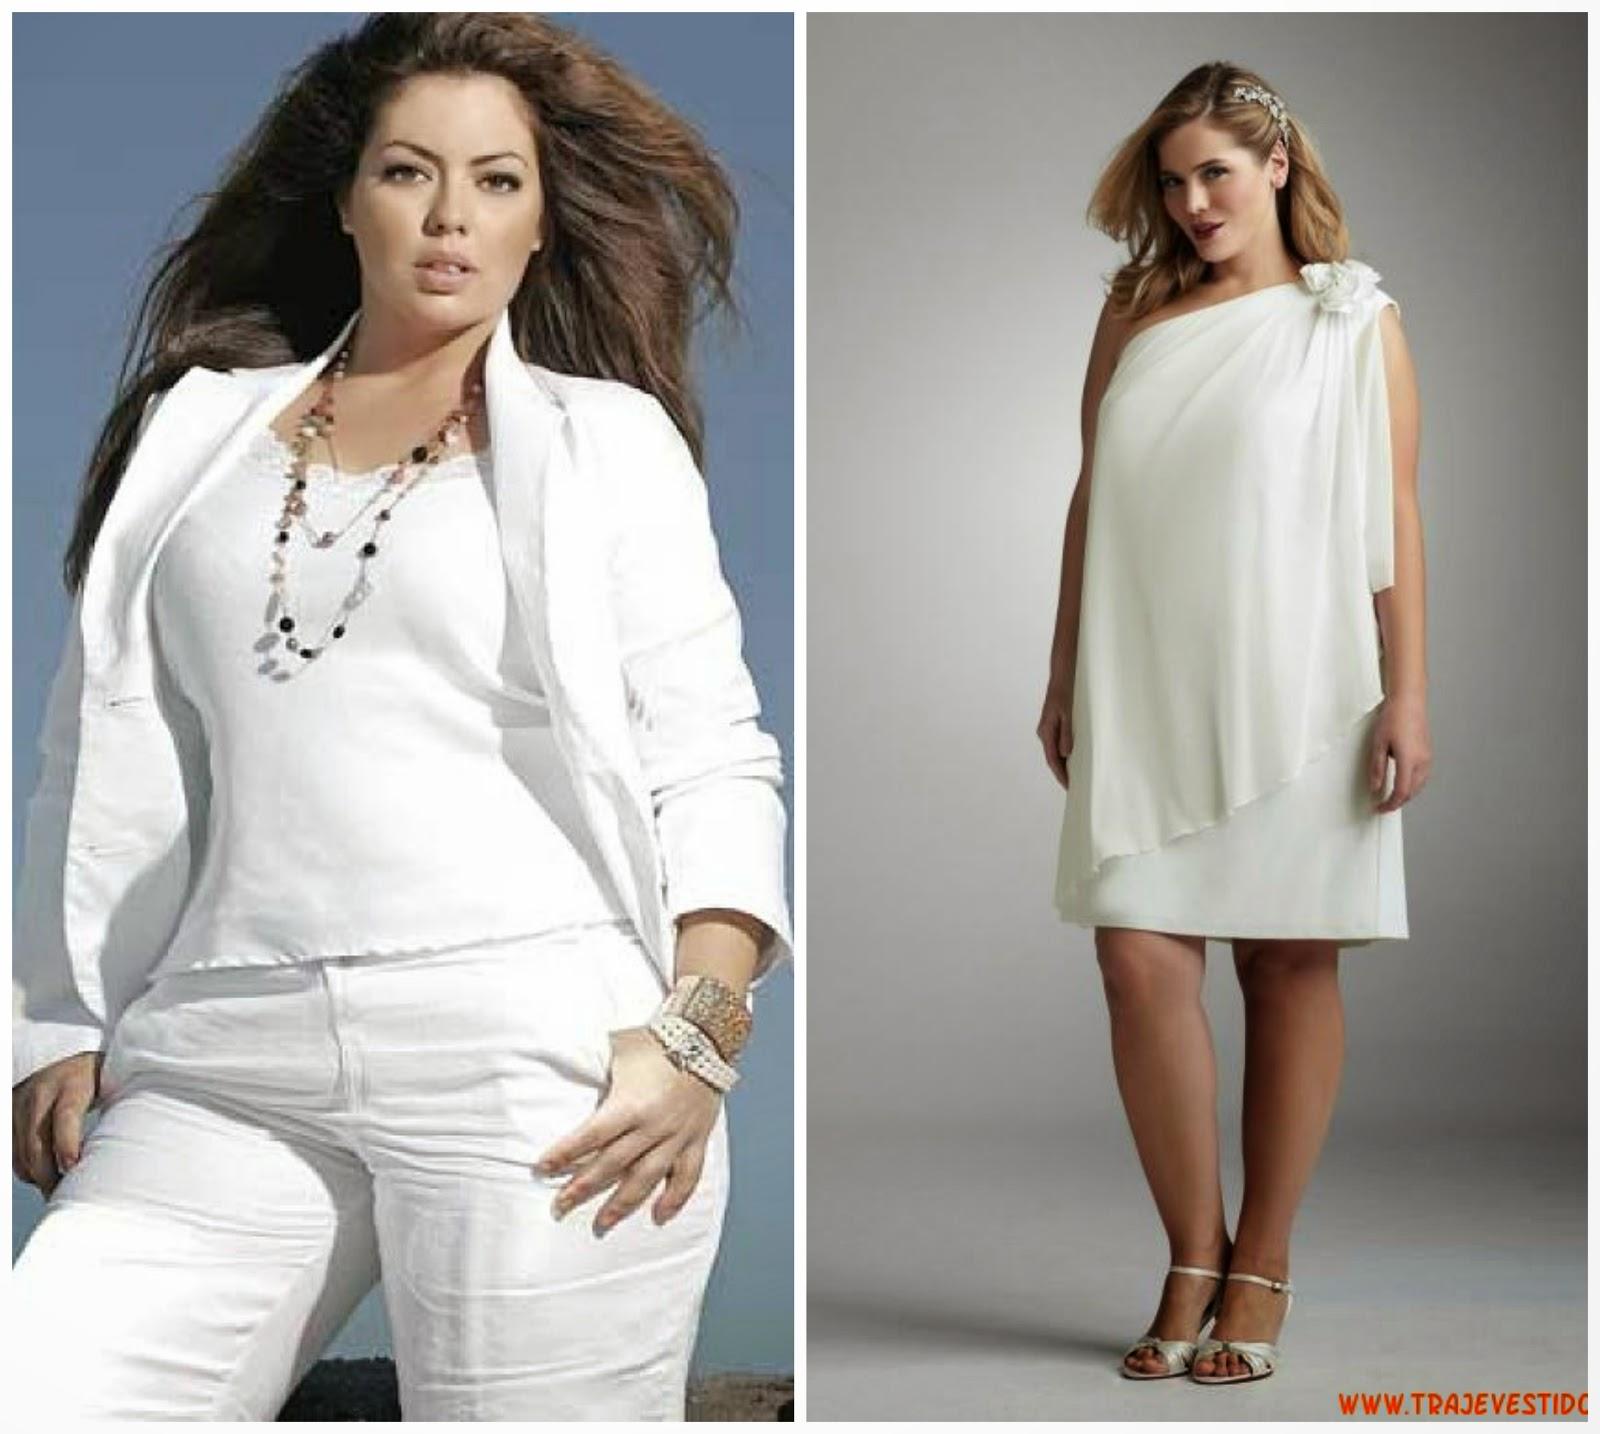 personalizadas hermosa y encantadora alta moda Total look white / Look de Blanco o Fiesta y todos de blanco!!!